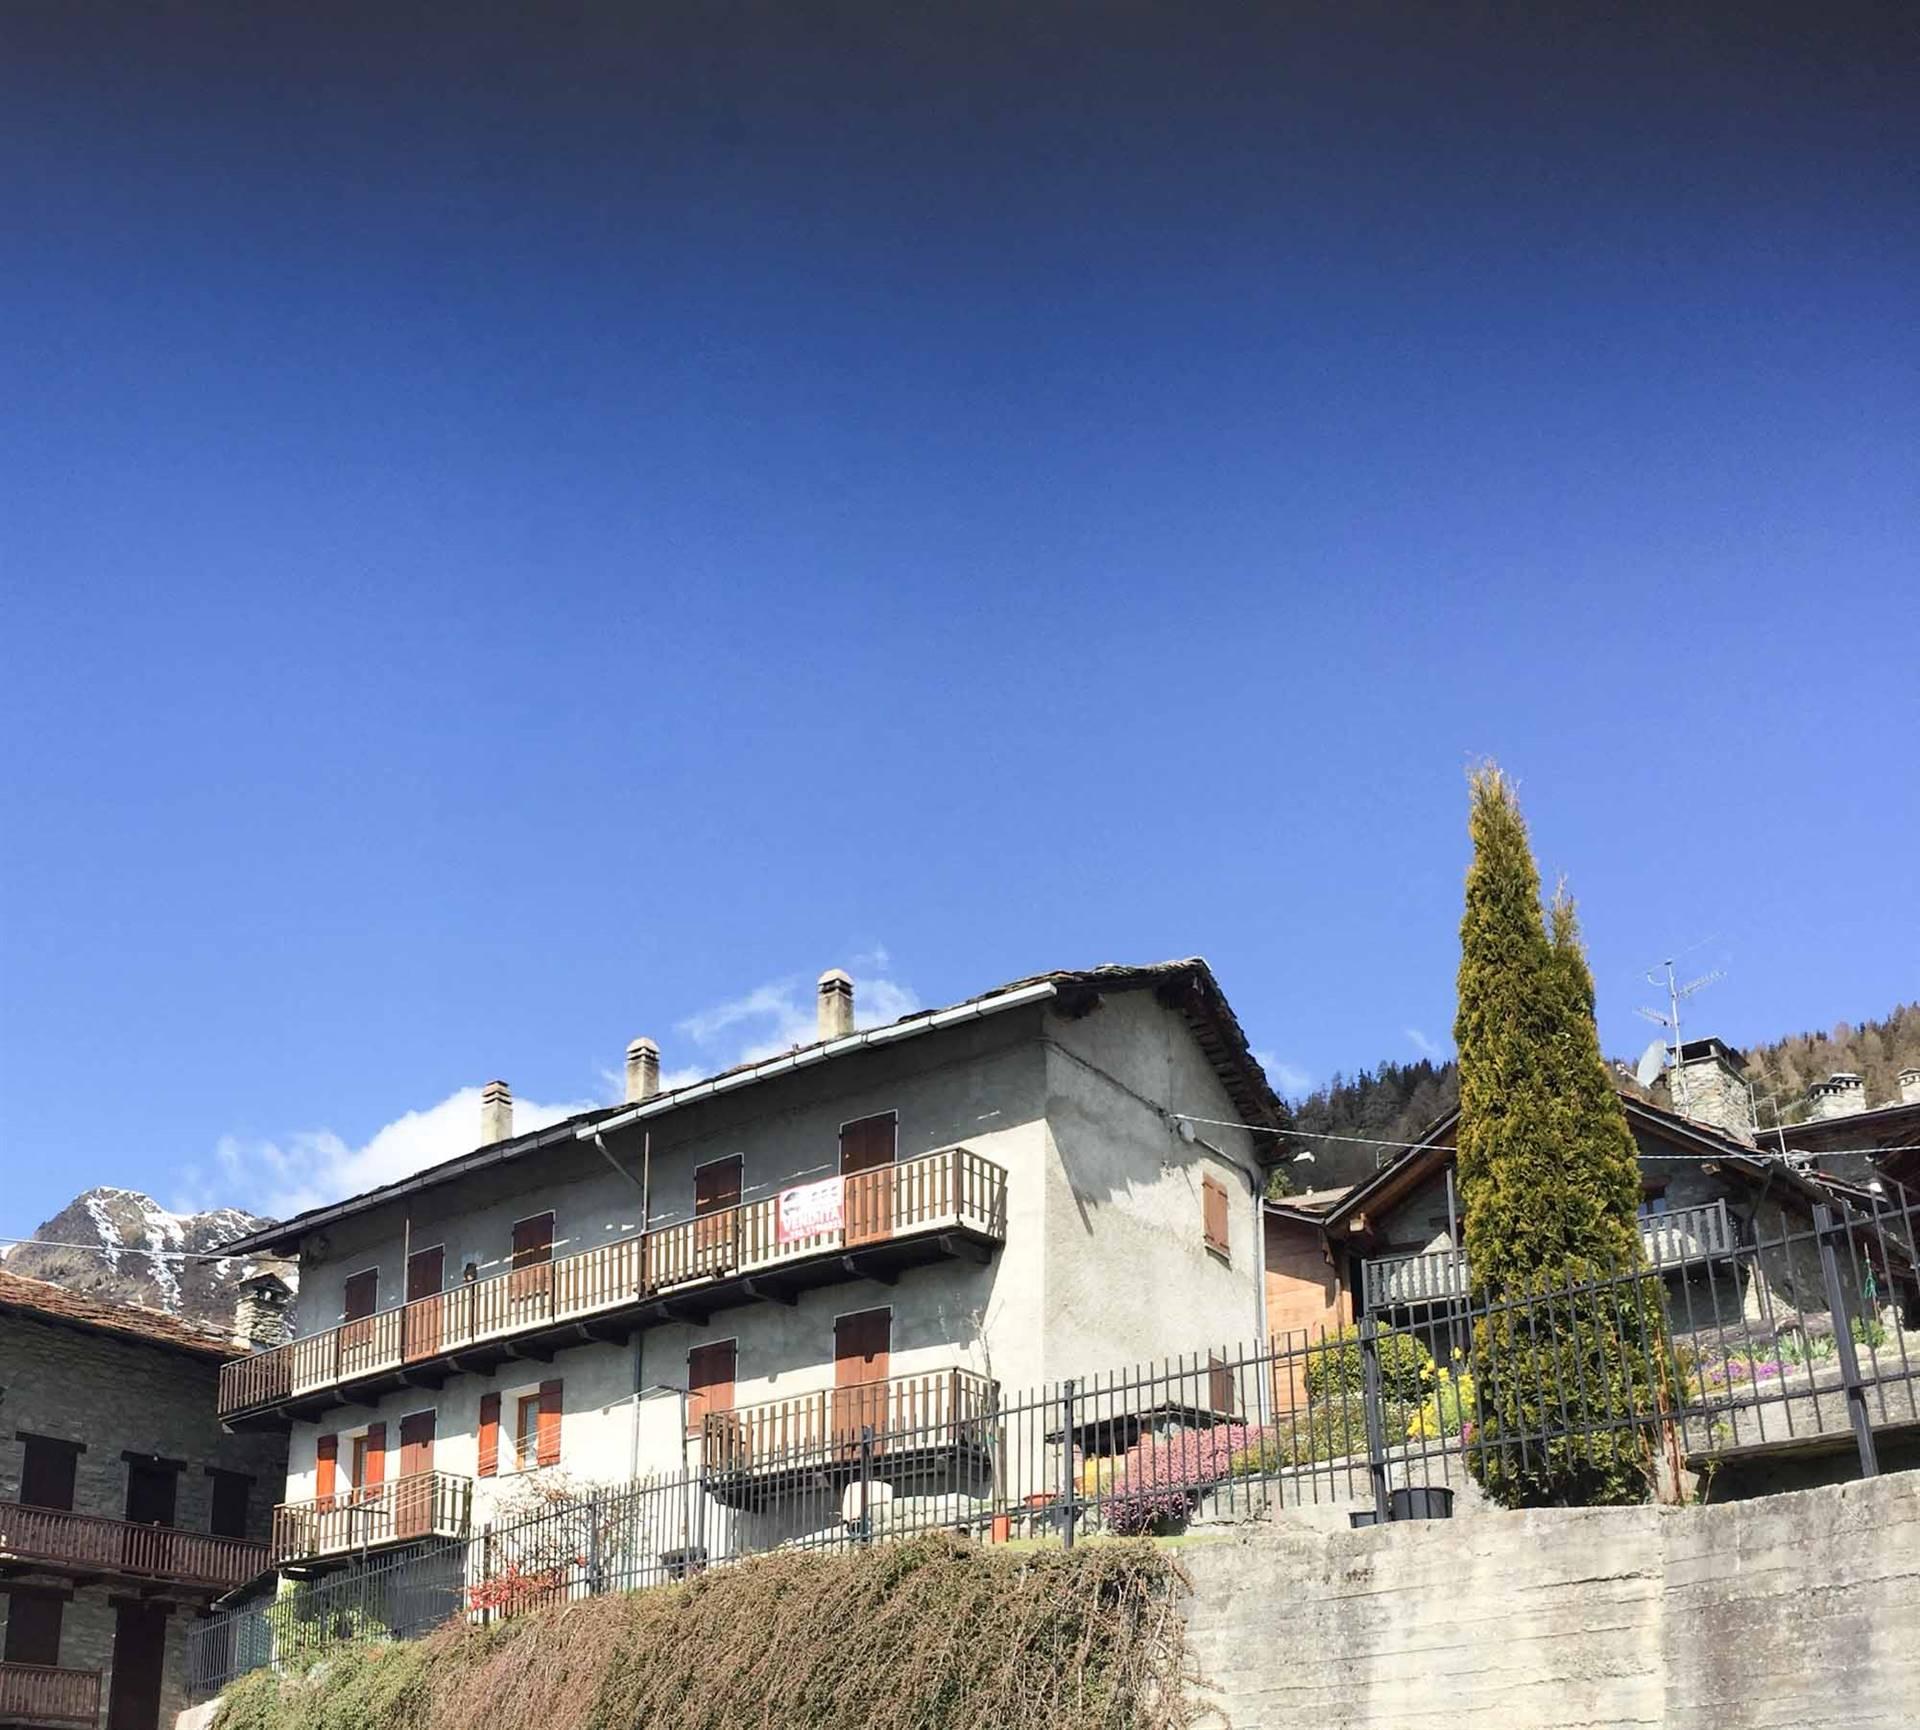 Aosta annunci immobiliari di case e appartamenti nella ...